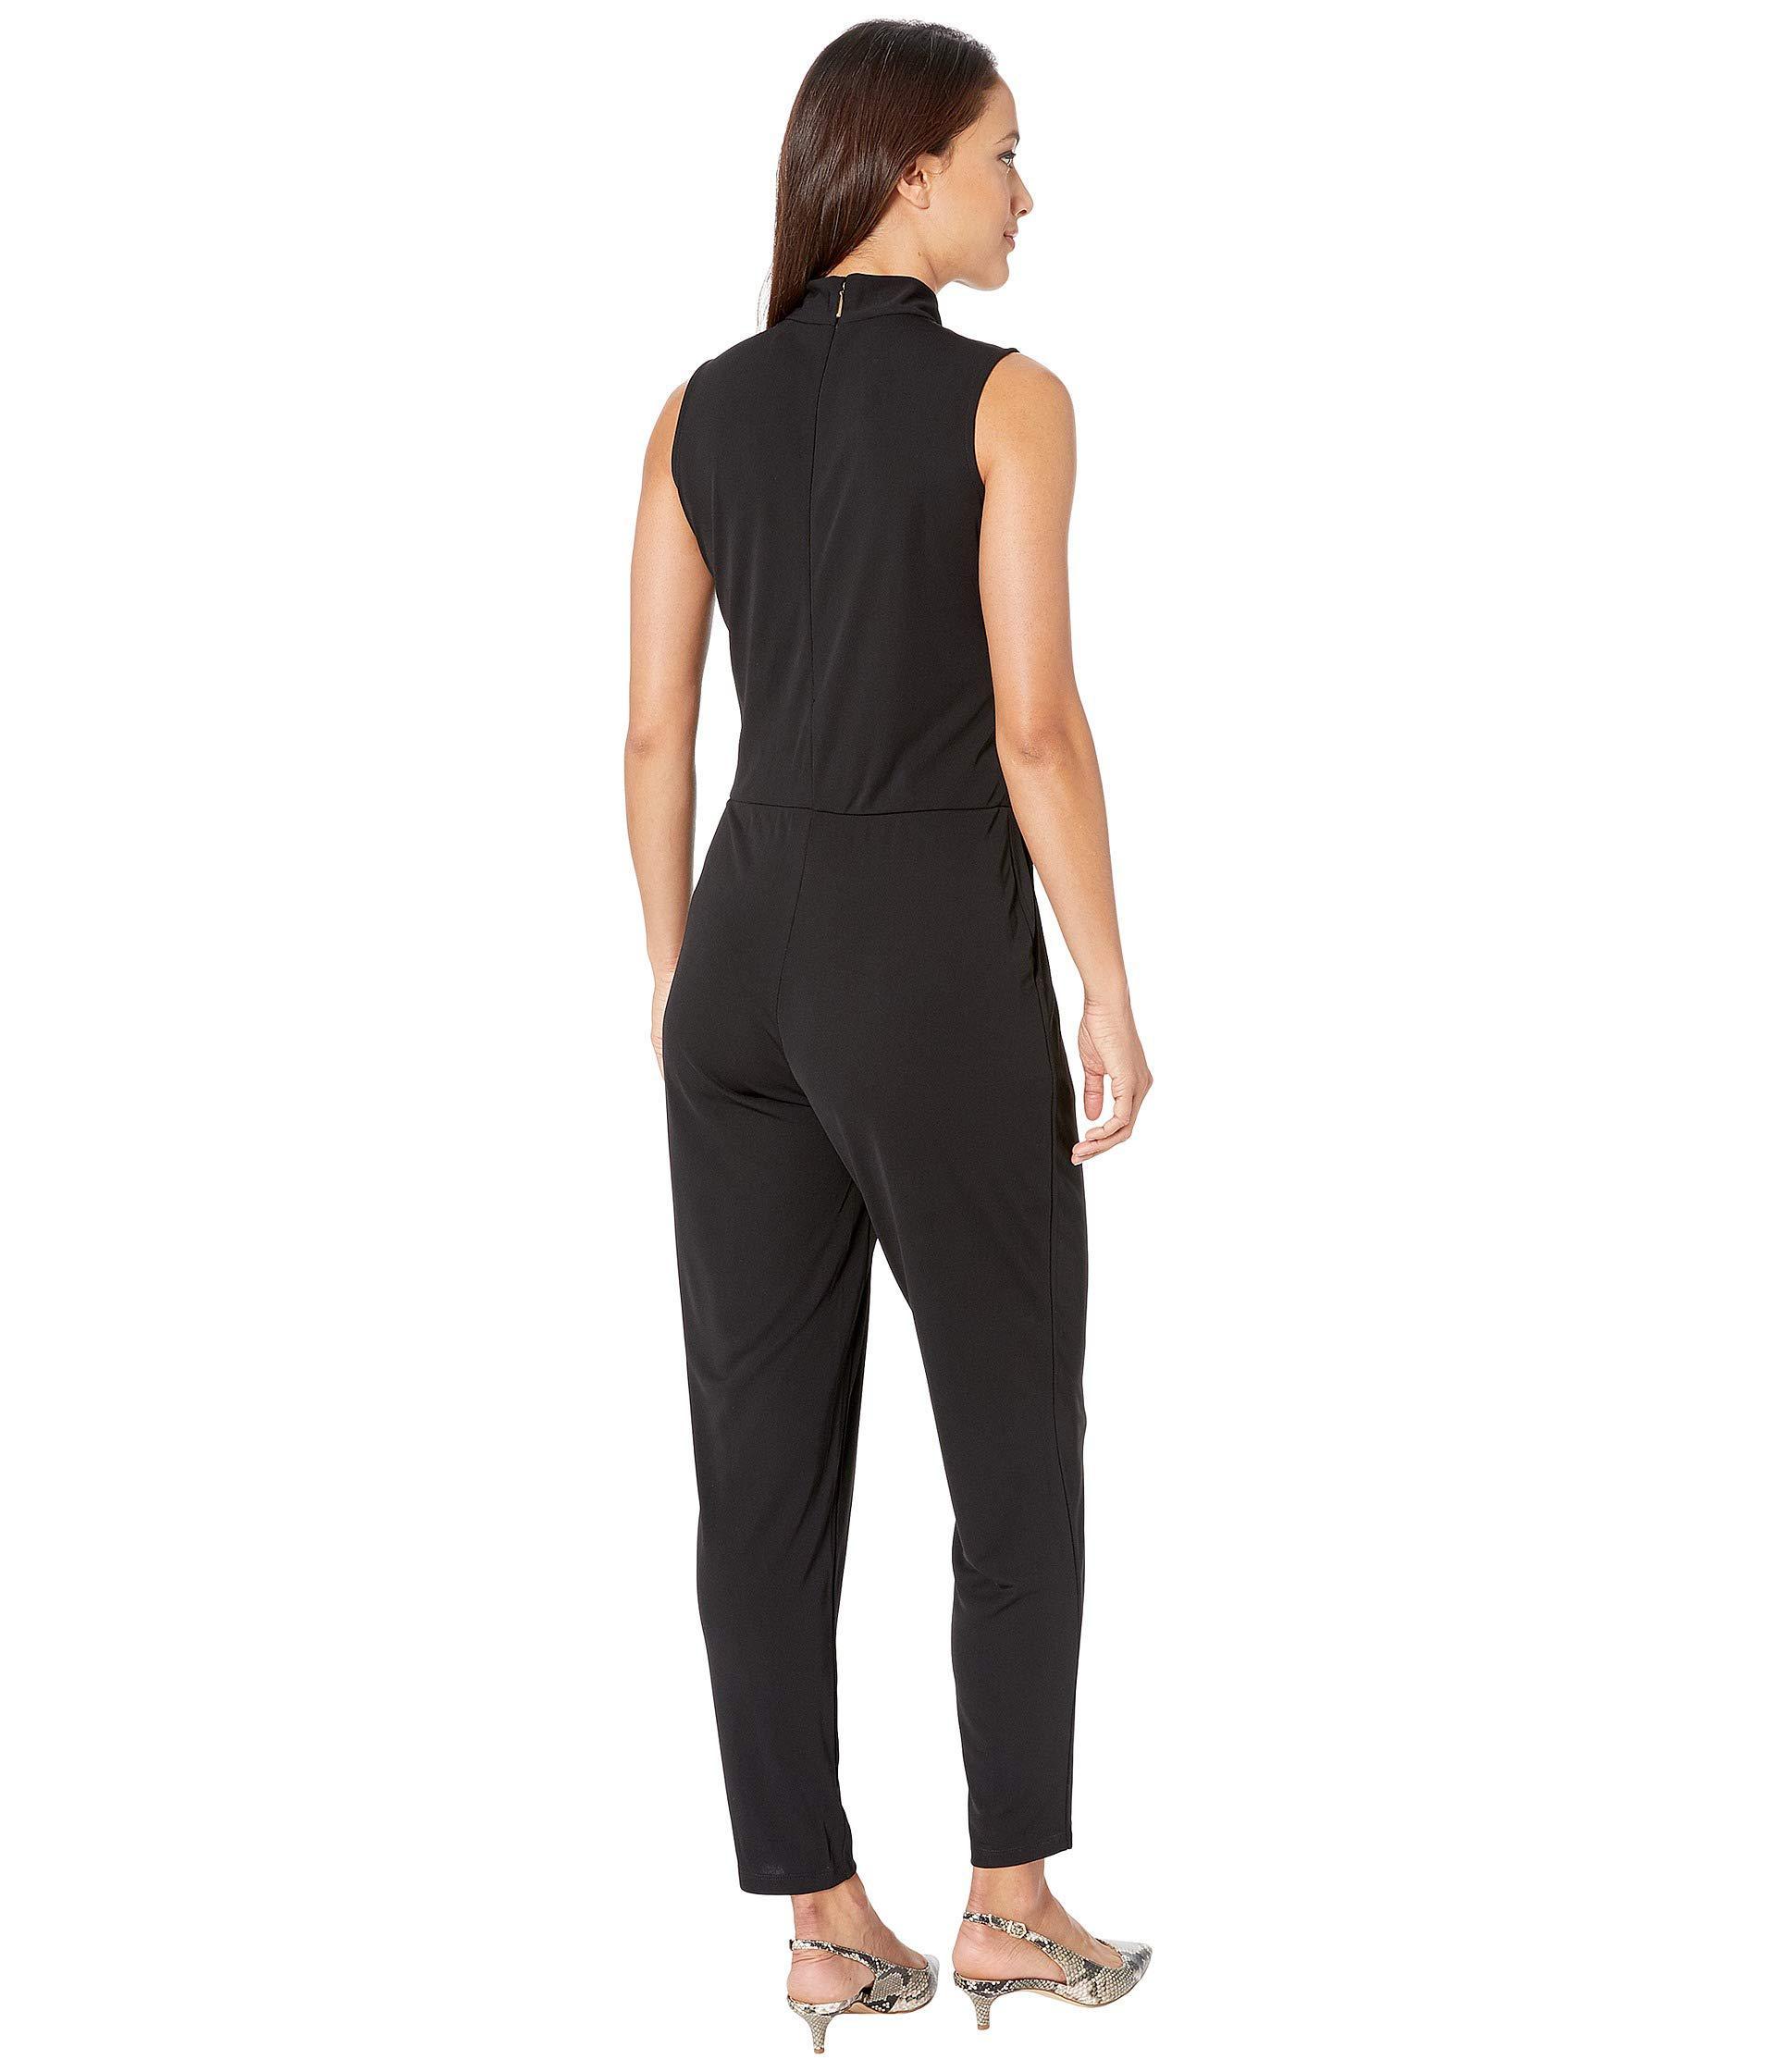 f0c8866caa7 Lauren by Ralph Lauren - Petite Tie Neck Jersey Jumpsuit (polo Black)  Women s Jumpsuit. View fullscreen